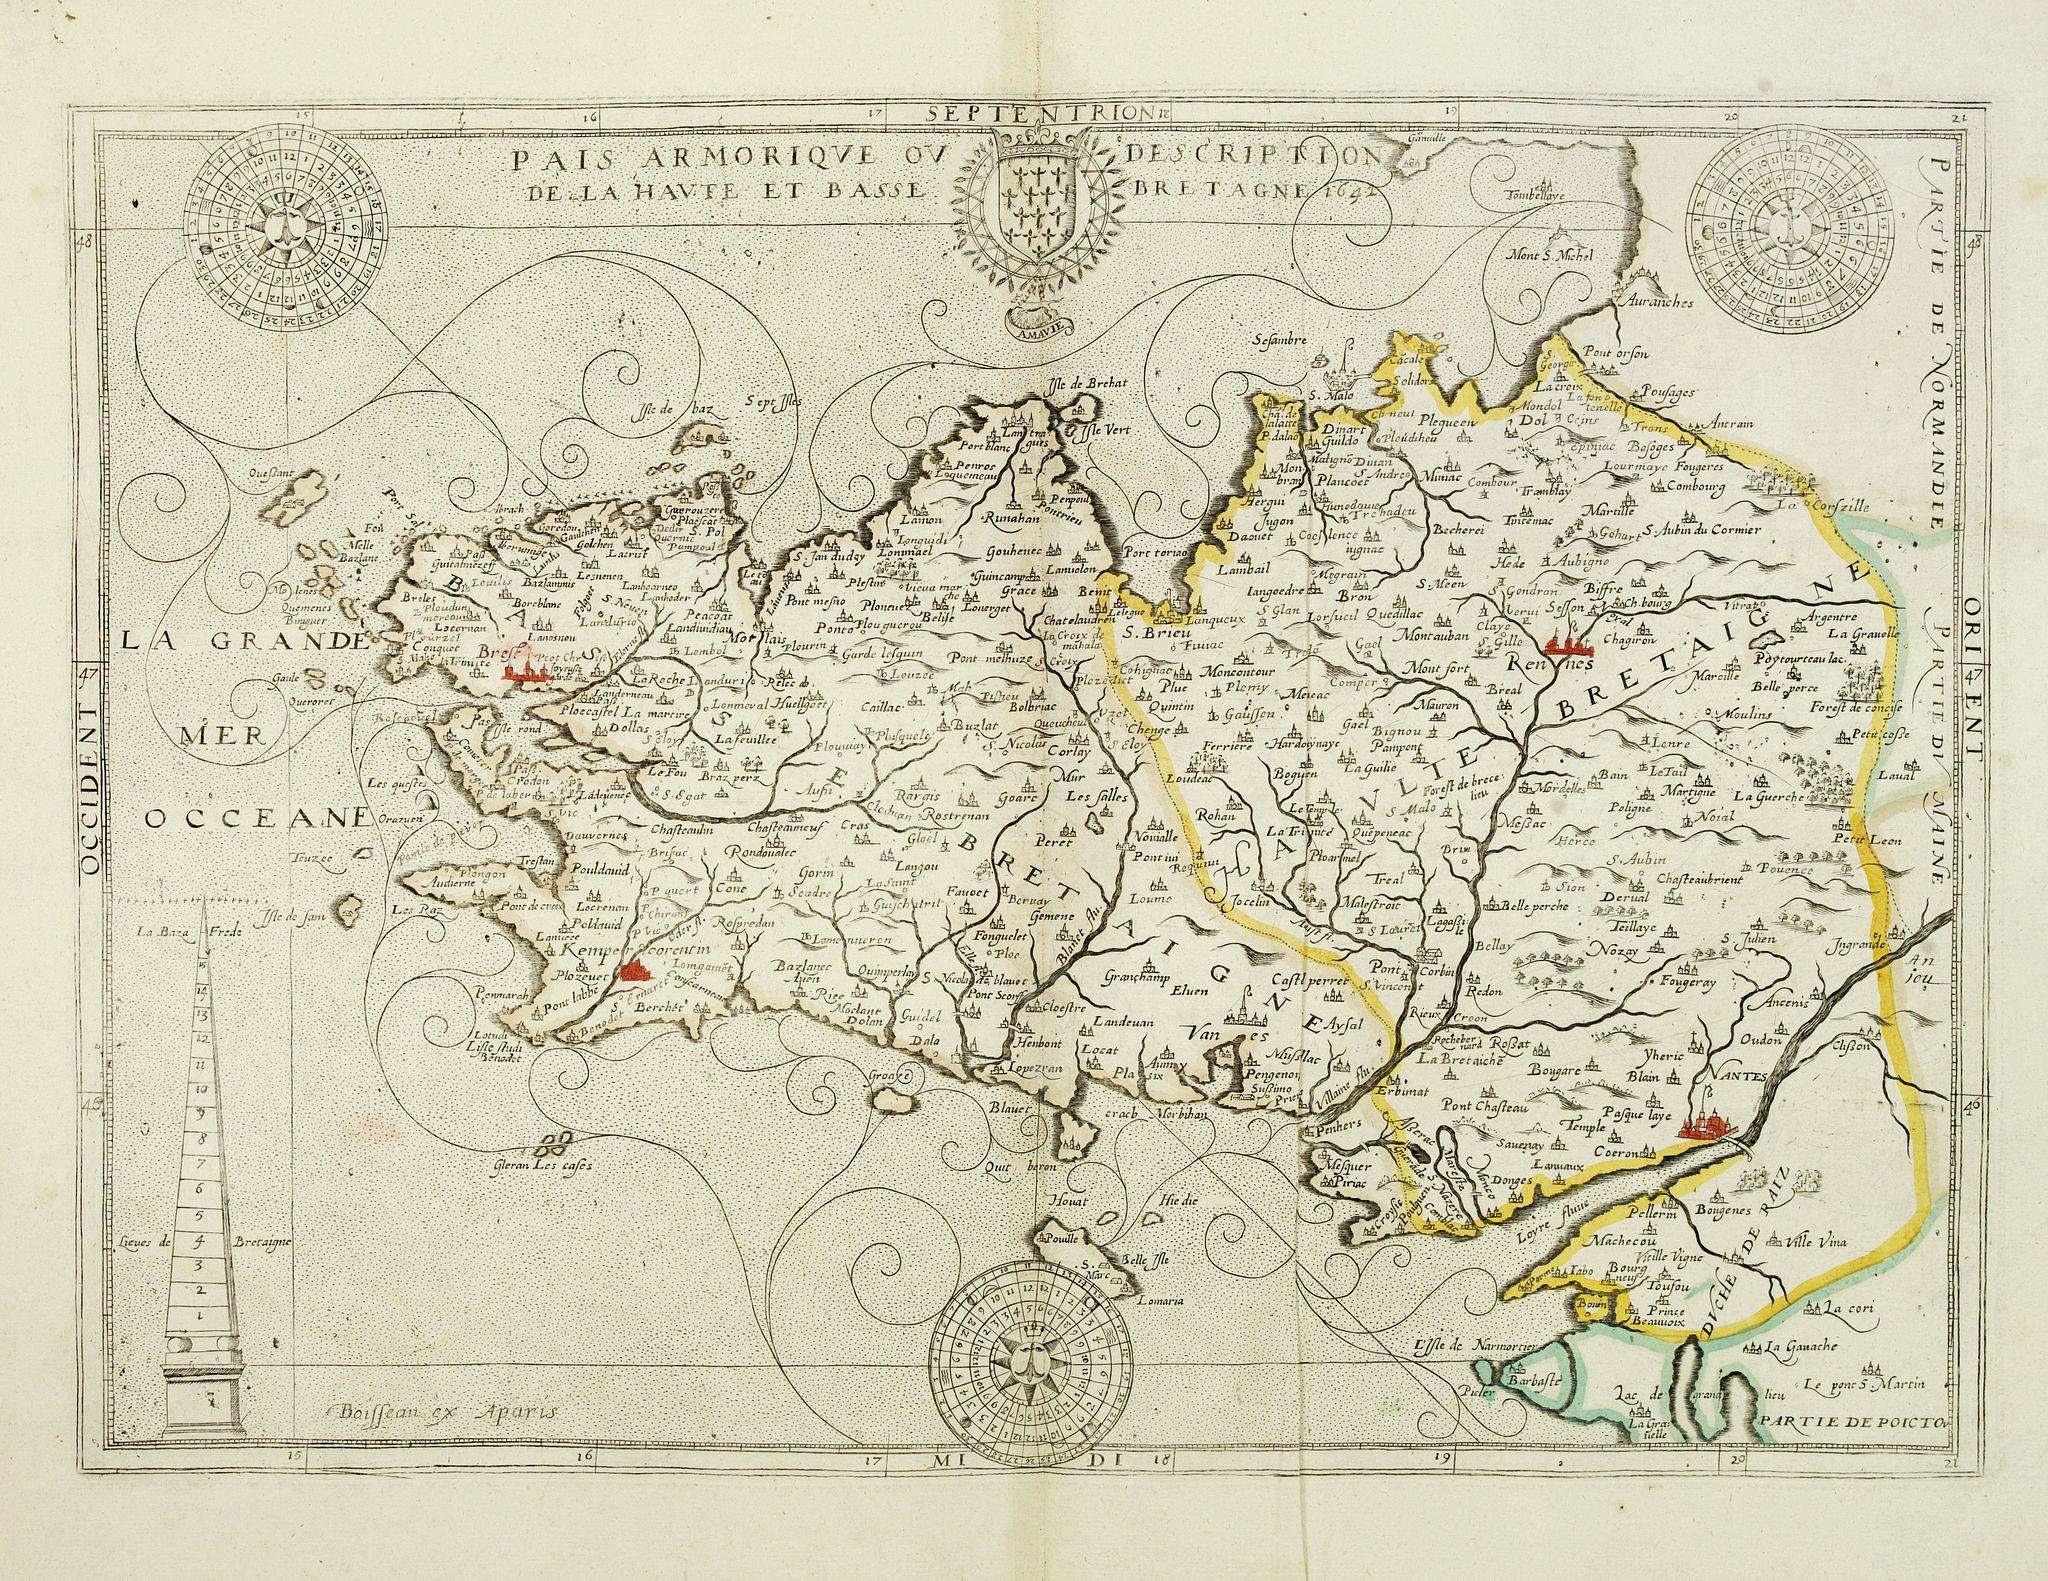 BOISSEAU, J. - Païs armorique, ou Description de la haute et basse Bretagne, 1642.